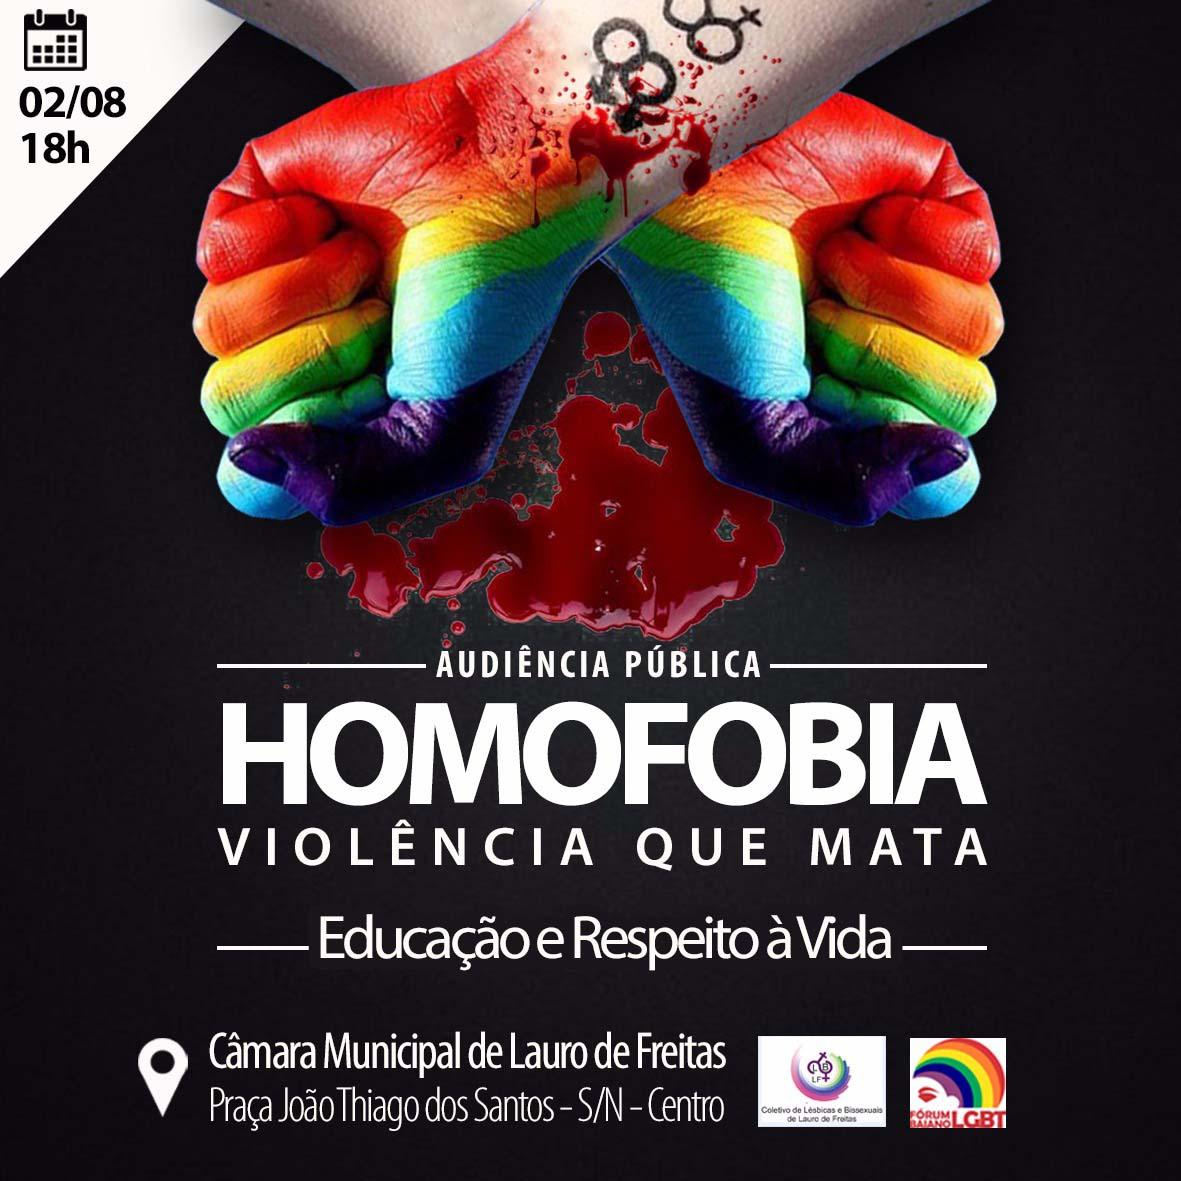 http://www.uol/eleicoes/especiais/cidade-para-os-lgbt.htm#criminalizacao-da-homofobia